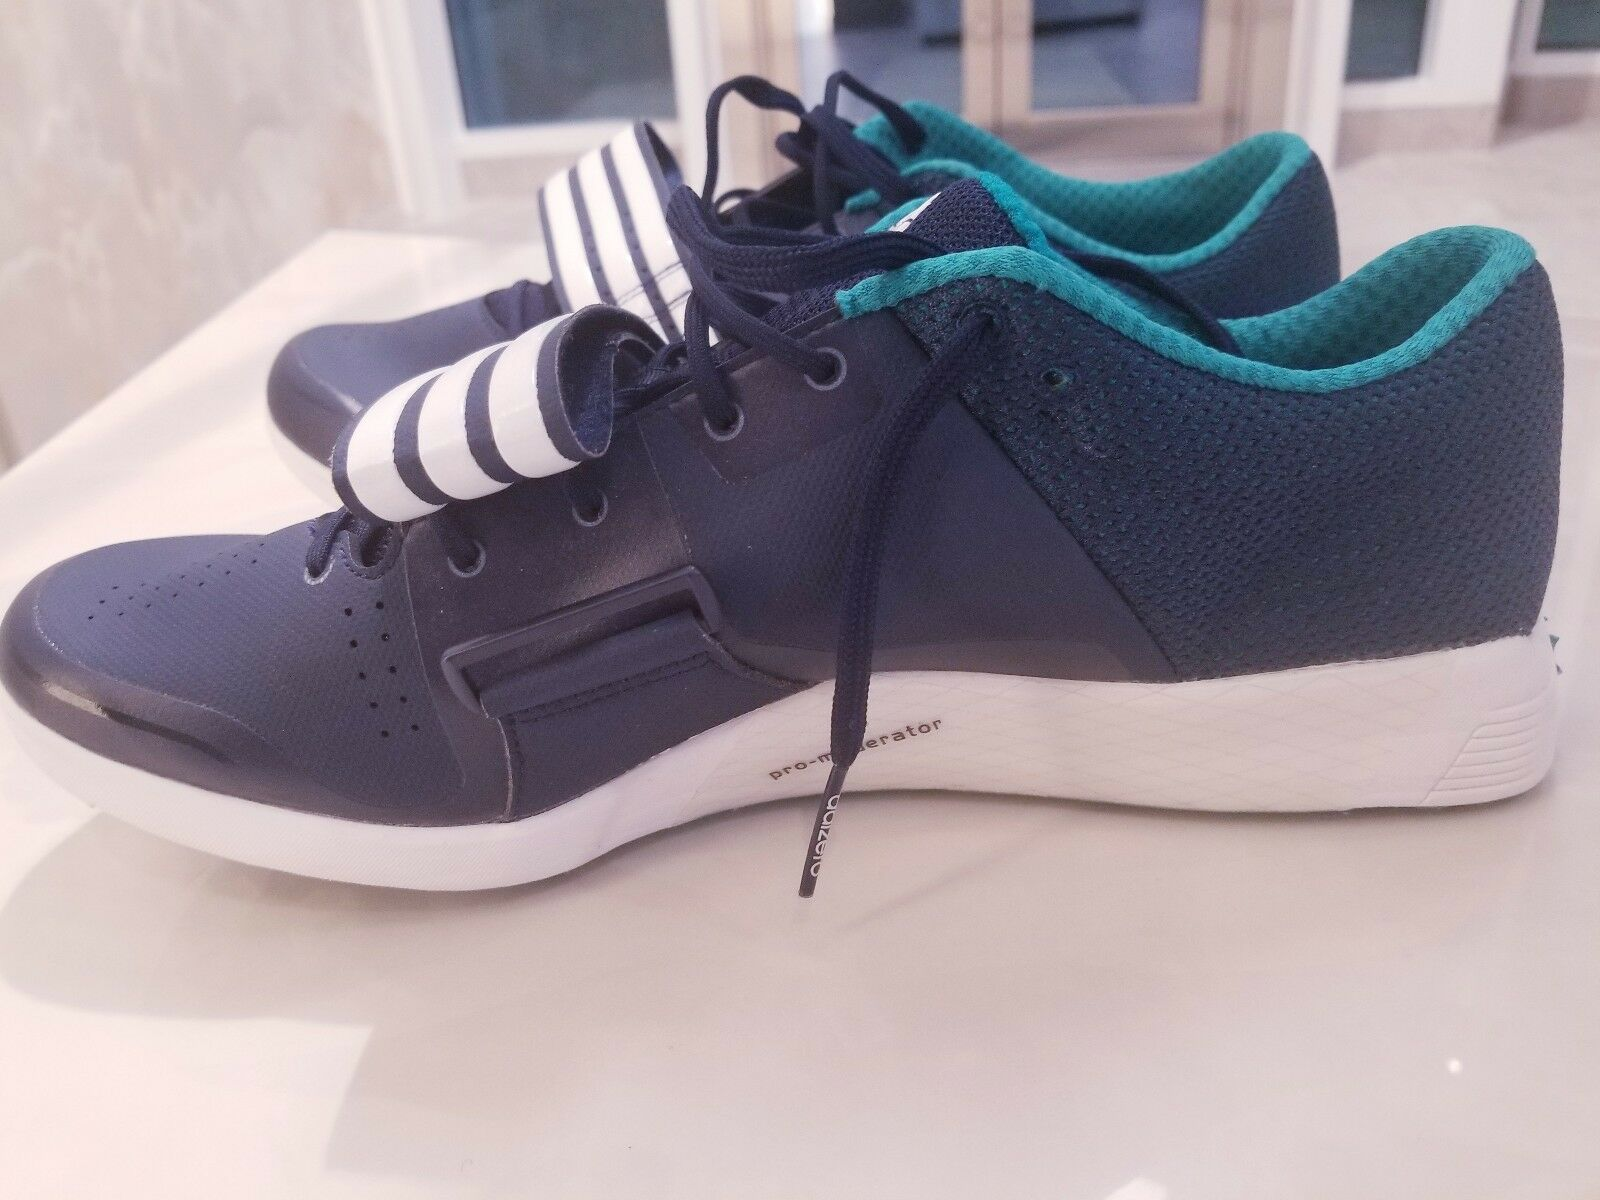 neue adidas performance adizero tj laufschuhe / pv - blauen laufschuhe tj af5664 track größe. 05ec9a